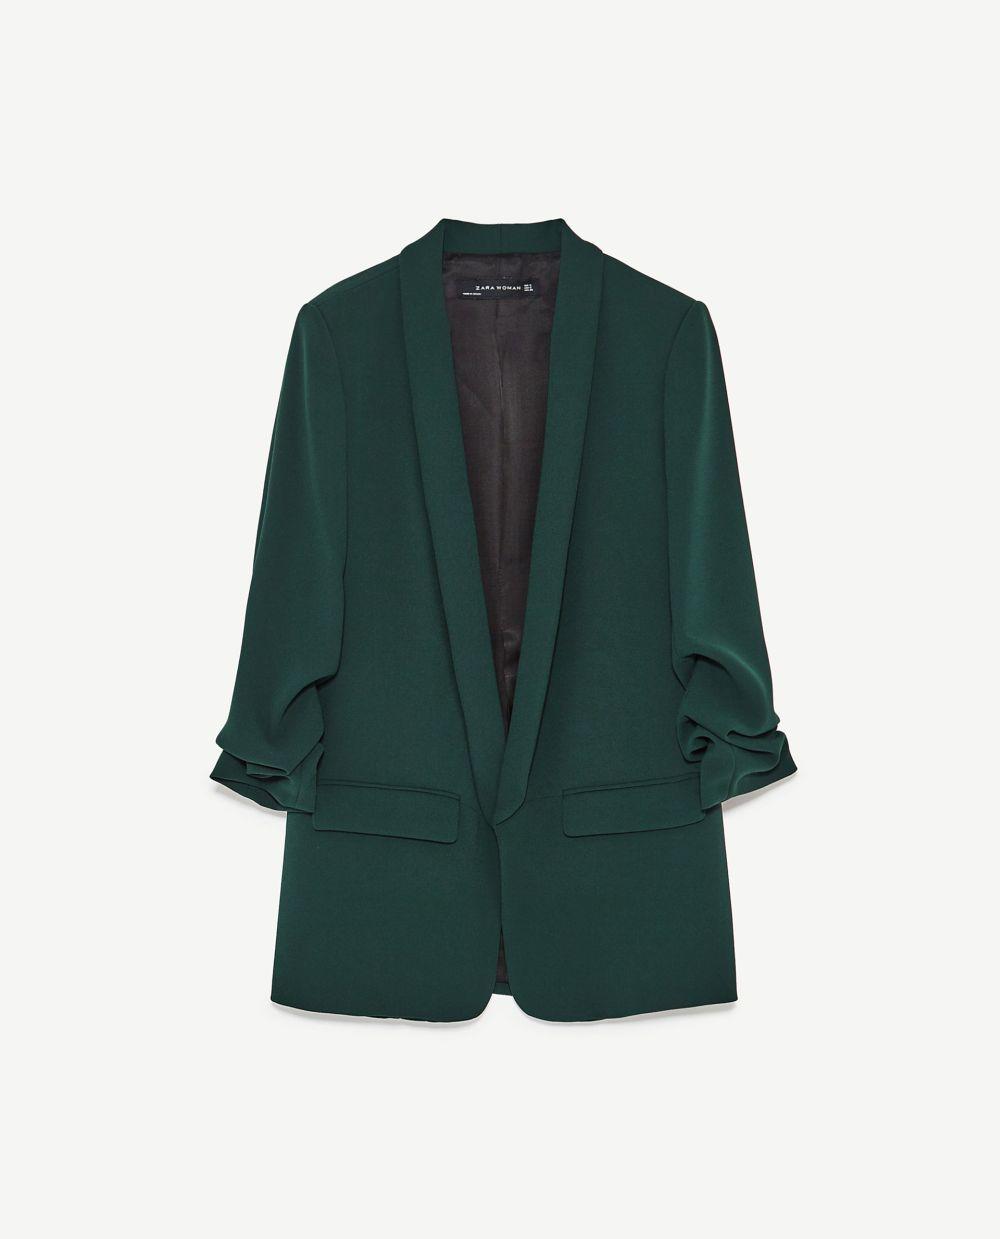 Chaqueta de Zara (29,95 euros)